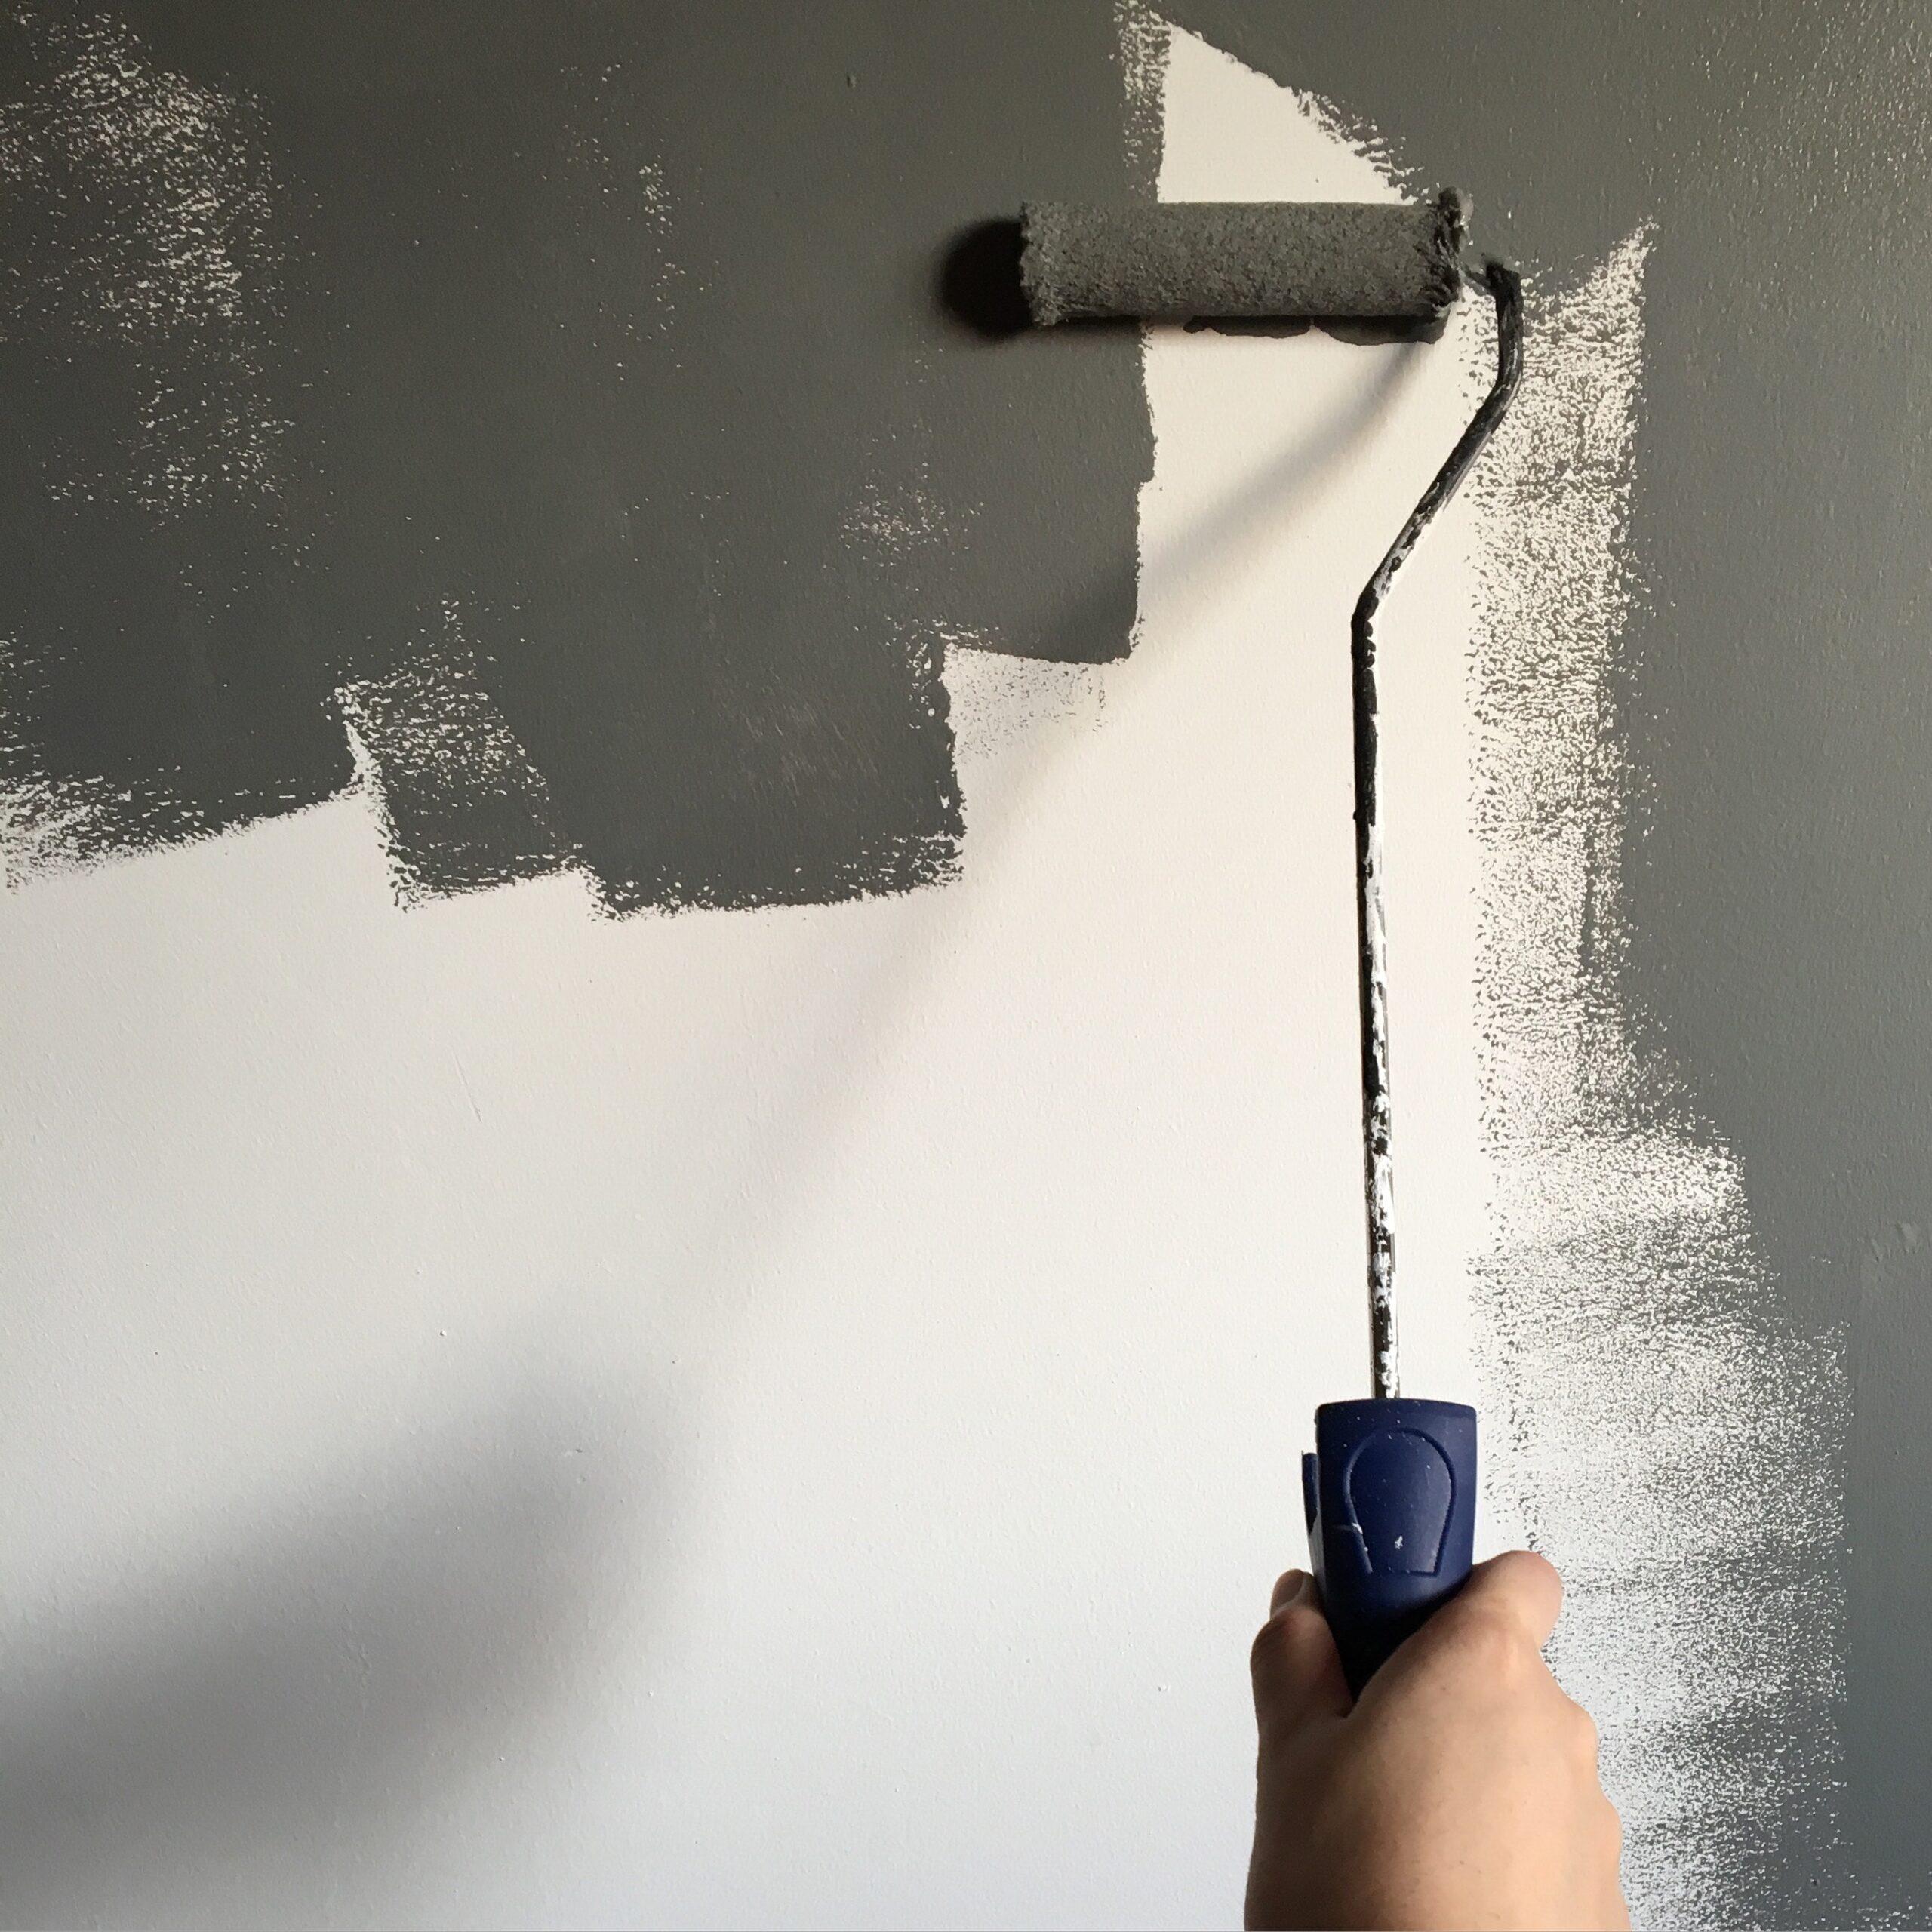 pris målare, målning, målare, måla, inomhusmålning